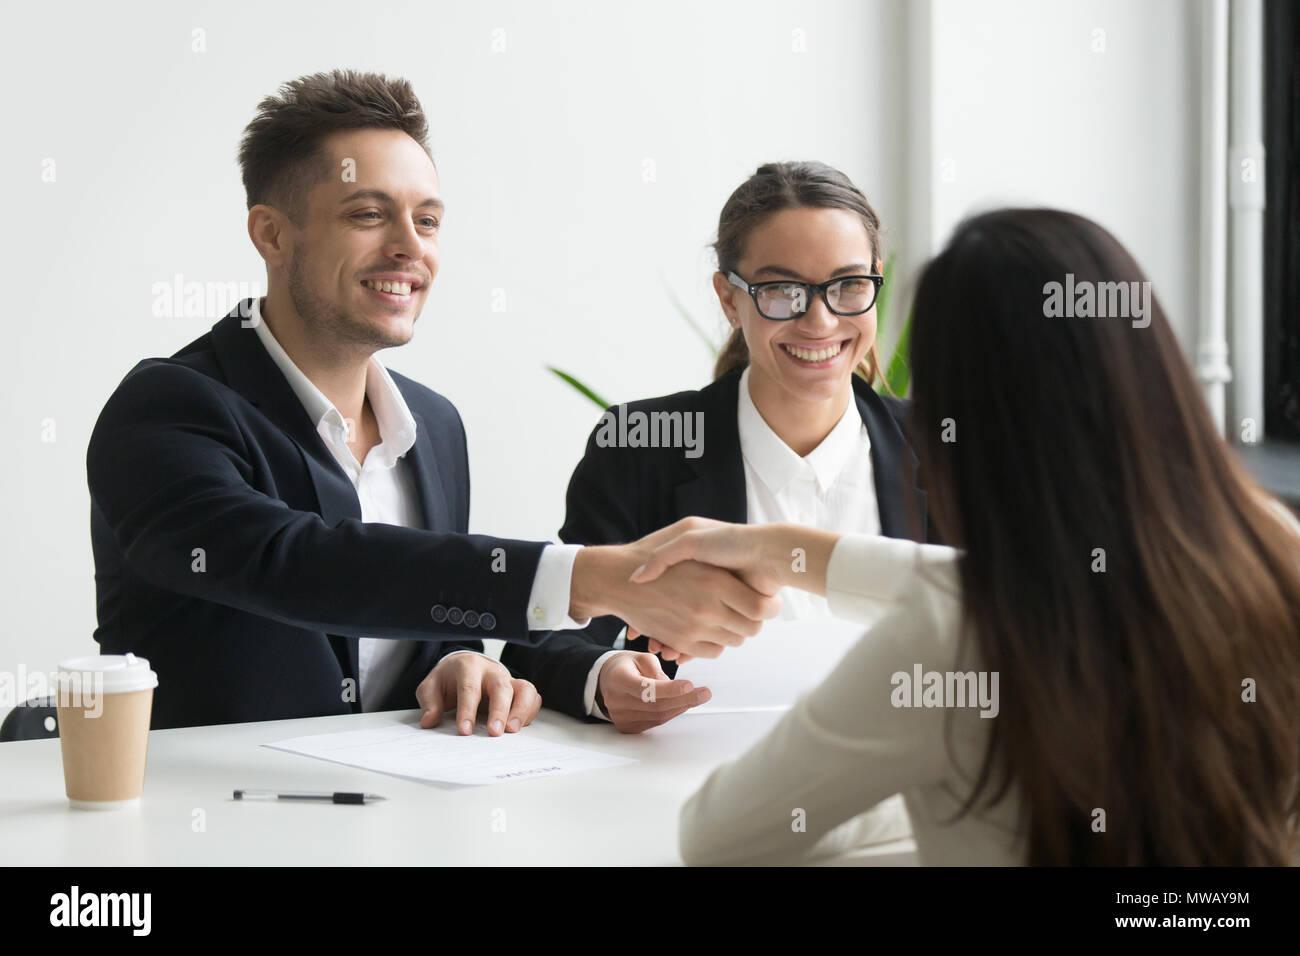 Lächelnd hr manager Handshaking angestellt weibliche Bewerber bei der int Stockbild